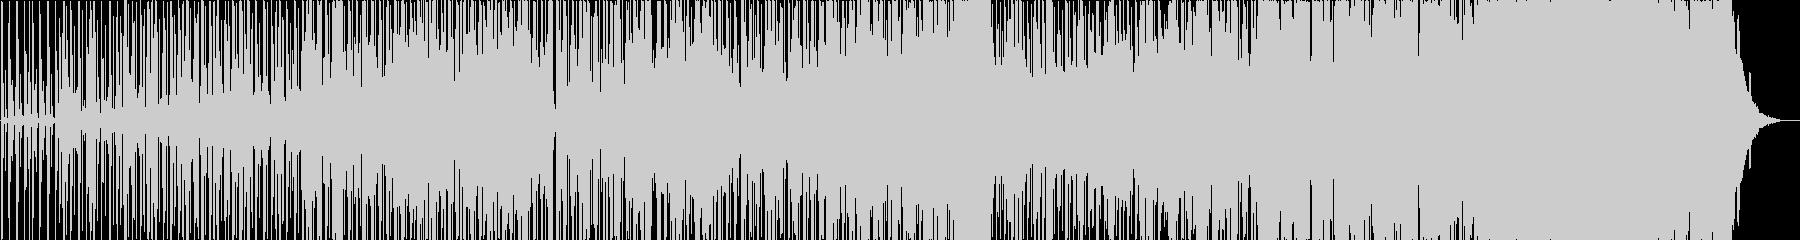 動画 技術的な 説明的 静か エス...の未再生の波形